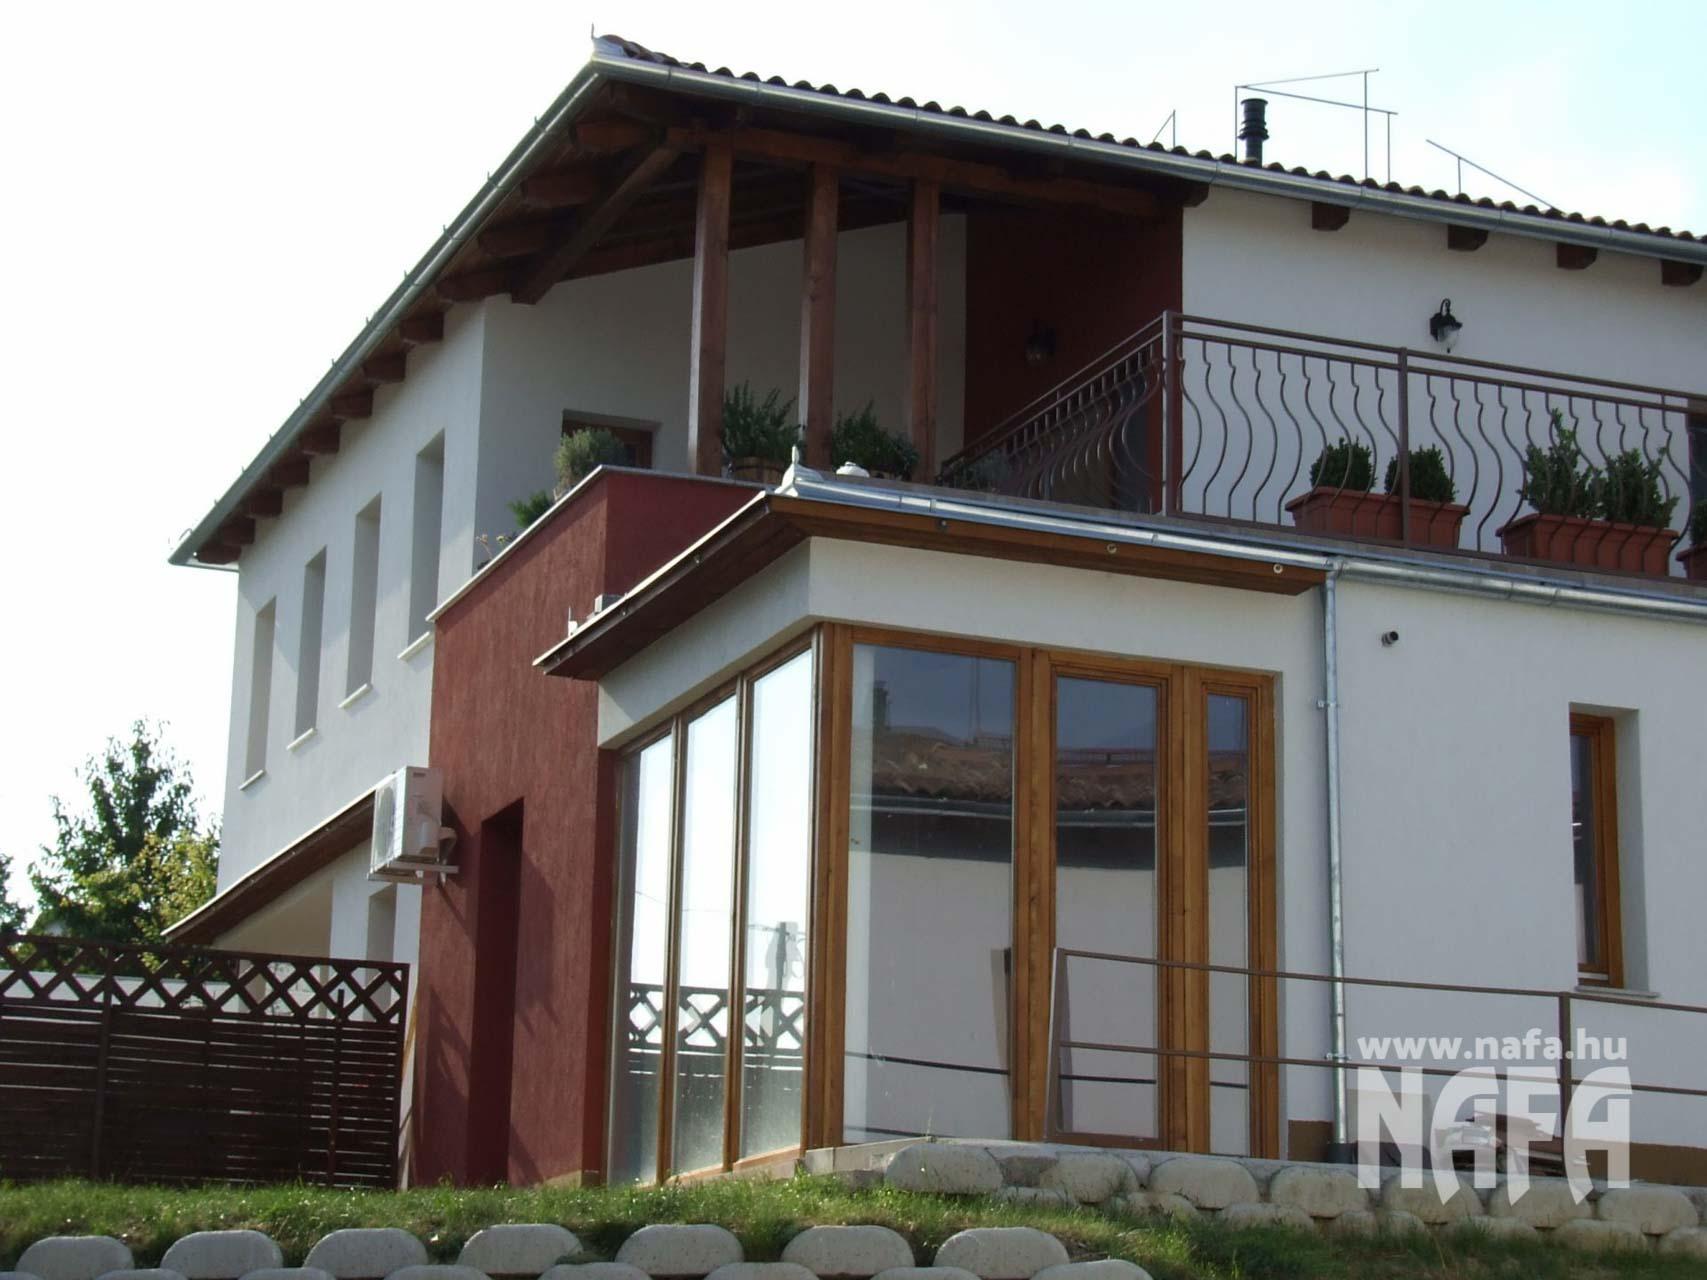 Fa nyílászárók, egyedi festett erkélyajtó, Pécs Közintézmény